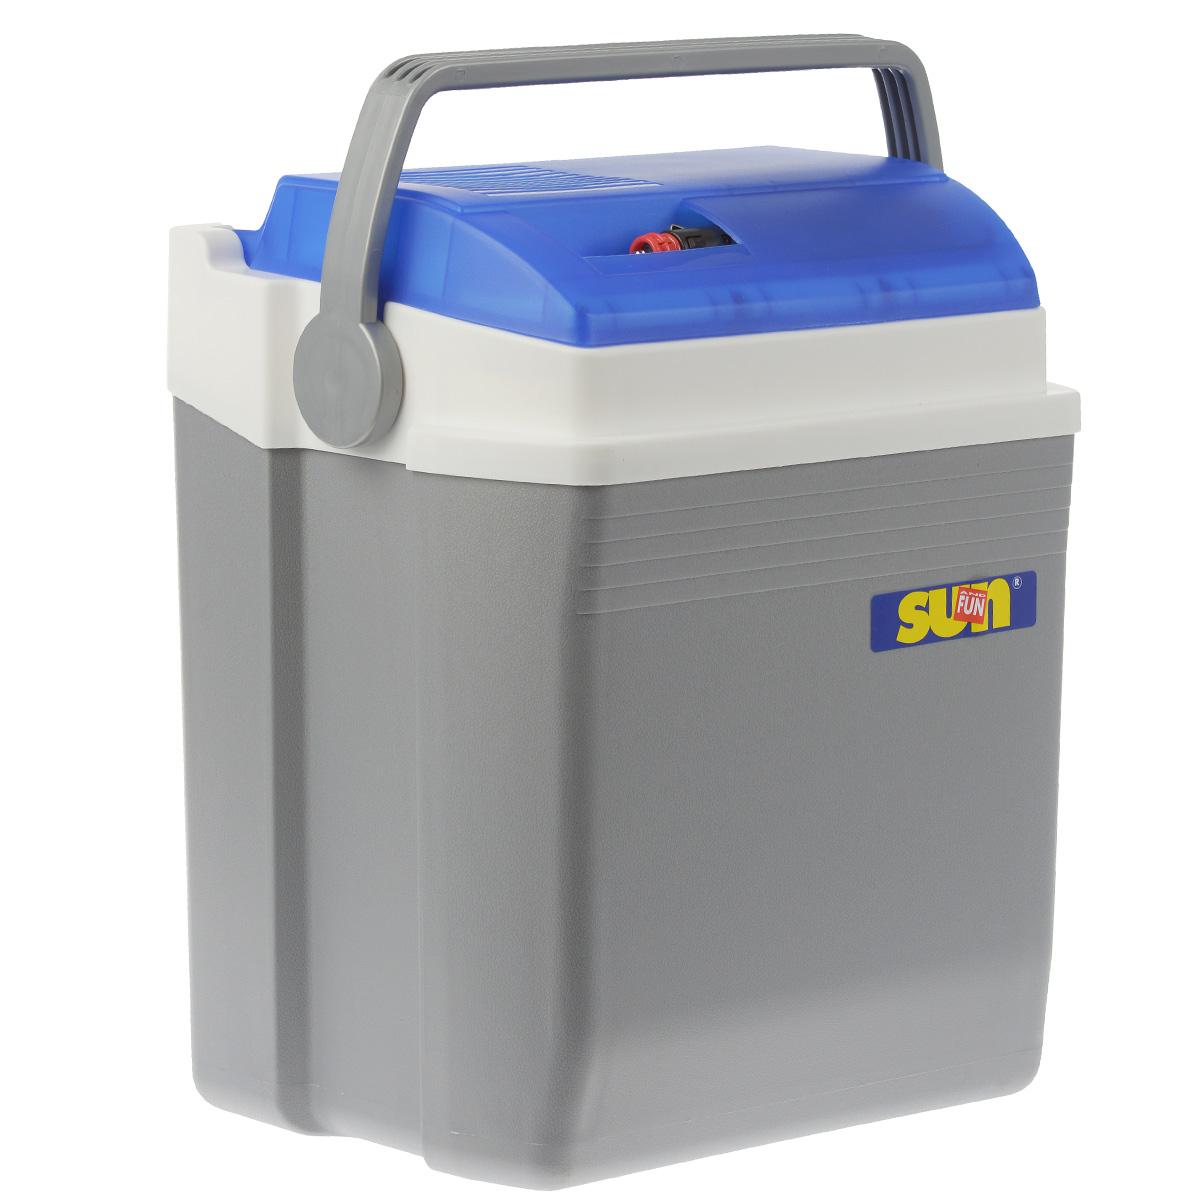 Автомобильный холодильник Ezetil E, цвет: голубой, серый, 21 лS28 DCМалогабаритный электрический холодильник Ezetil E предназначен для хранения и транспортировки предварительно охлажденных продуктов и напитков. Контейнер удобно использовать в салоне автомобиля в качестве портативного холодильника. Он легко поместится в любой машине! Особенности автомобильного холодильника Ezetil E:- Выполнен из прочного пластика высокого качества;- Работает от бортовой сети автомобиля 12В или от сети переменного тока 220В;- Внутри контейнера имеется вместительный отсек для хранения продуктов и напитков;- Подходит для хранения 1,5-литровых бутылок в вертикальном положении;- Крышка холодильника открывается одной рукой;- Встроенный вентилятор, изоляция из пеноматериала и отсек для хранения шнура питания от сети и штекера прикуривателя (12В) вмонтирован в крышку;- Дополнительный внутренний вентилятор в холодильной камере обеспечивает быстрое и равномерное охлаждение;- Мощная, не нуждающаяся в техобслуживании охлаждающая система Peltier гарантирует оптимальную производительность по холоду;- Работает под любым углом наклона;- Действенная изоляция с наполнителем из пеноматериала поддерживает в холодном состоянии пищу и напитки в течение длительного времени, в том числе и без подачи электроэнергии;- Специальная уплотнительная резинка в крышке уменьшает образование конденсата в холодильной камере;- Для удобной переноски автомобильный холодильник снабжен надежной пластиковой ручкой.Такой компактный и вместительный холодильник послужит отличным аксессуаром для вашего автомобиля!Материал: пластик, металл, пеноматериал.Напряжение: 12B, 220В.